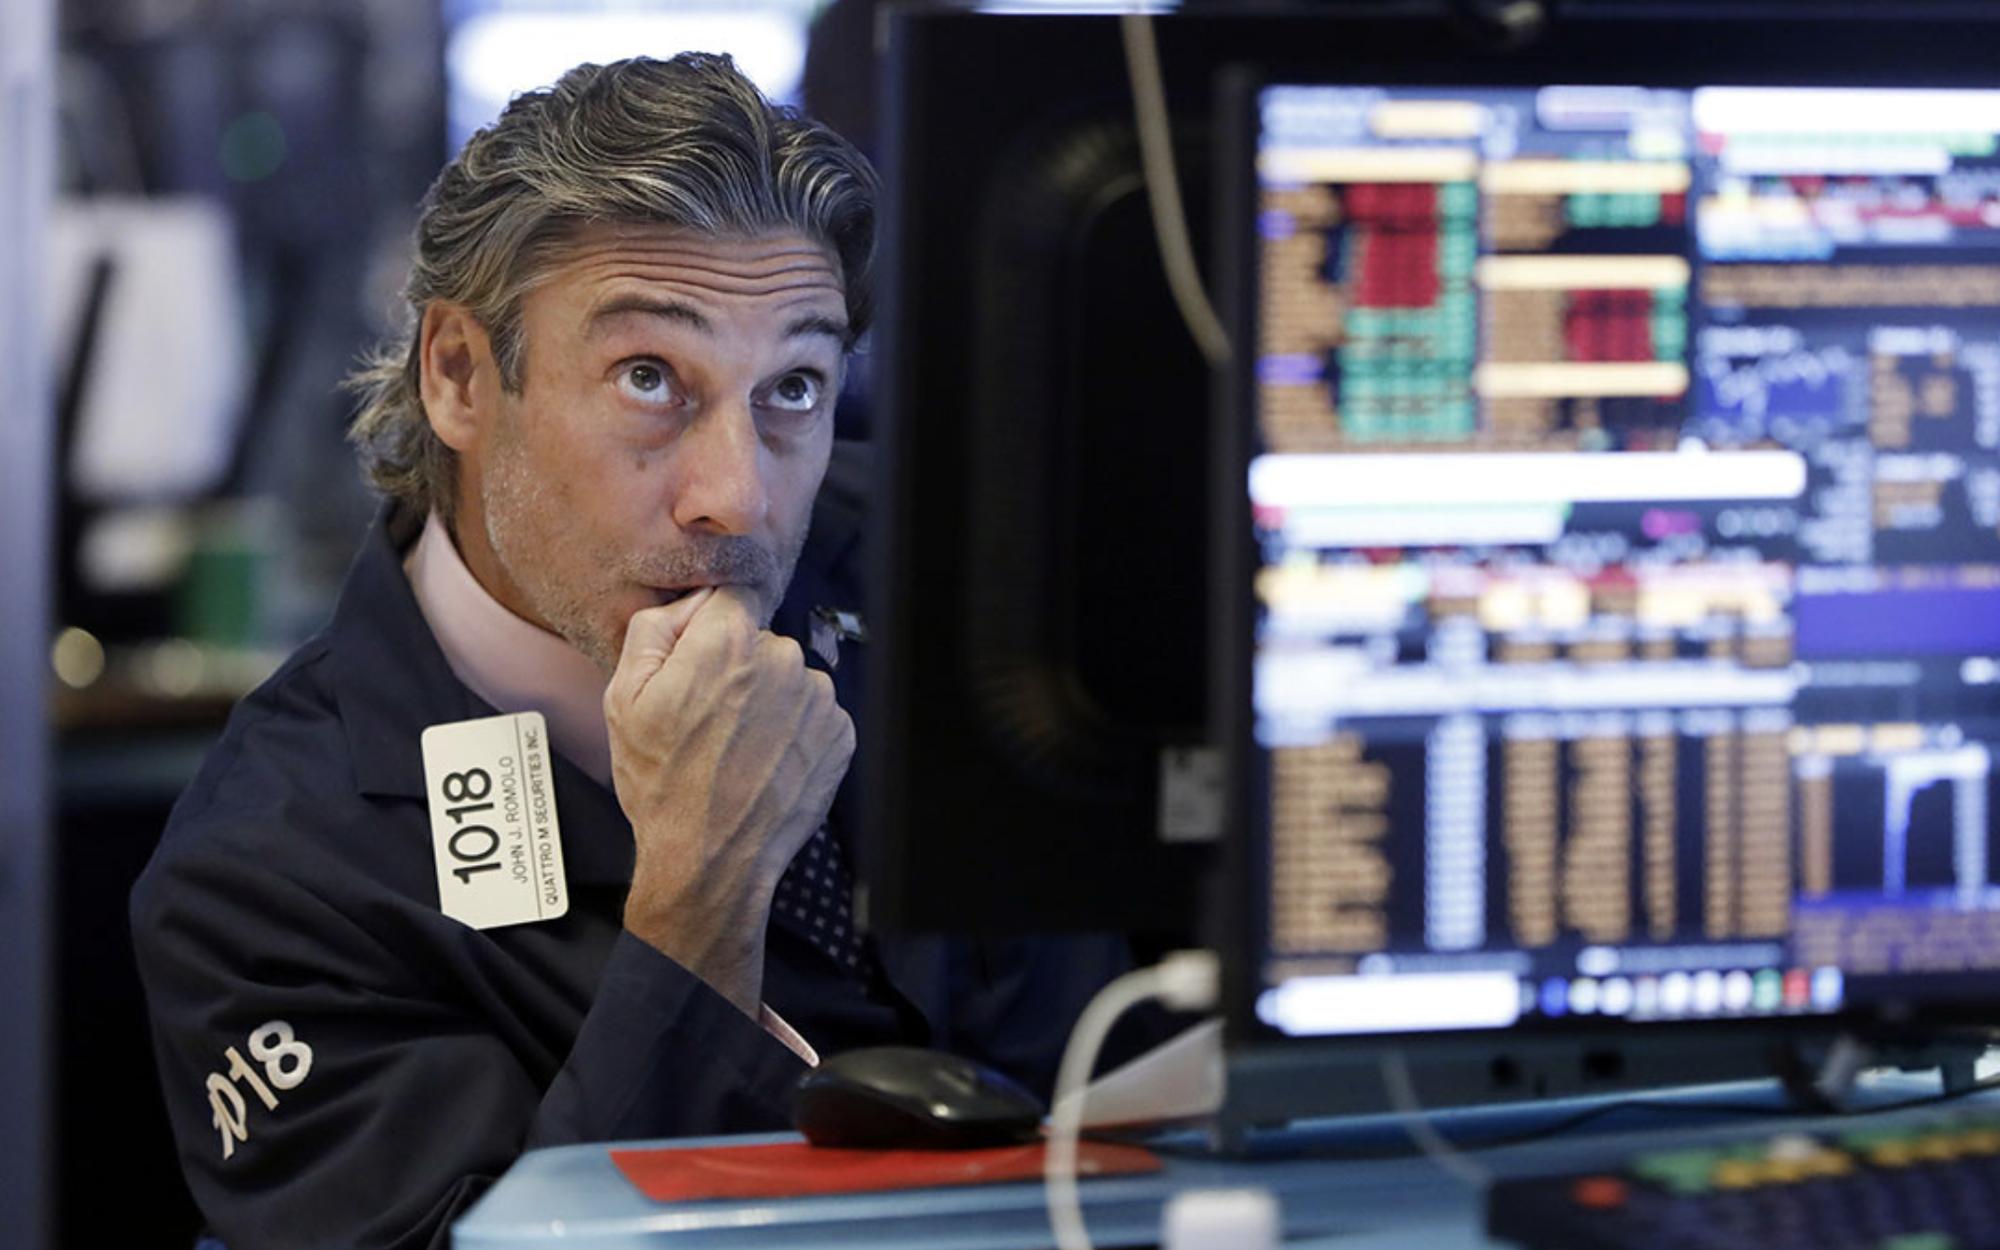 Căng thẳng Mỹ-Trung leo thang, Dow Jones mất đà tăng trong 3 phiên liên tiếp, rớt gần 150 điểm